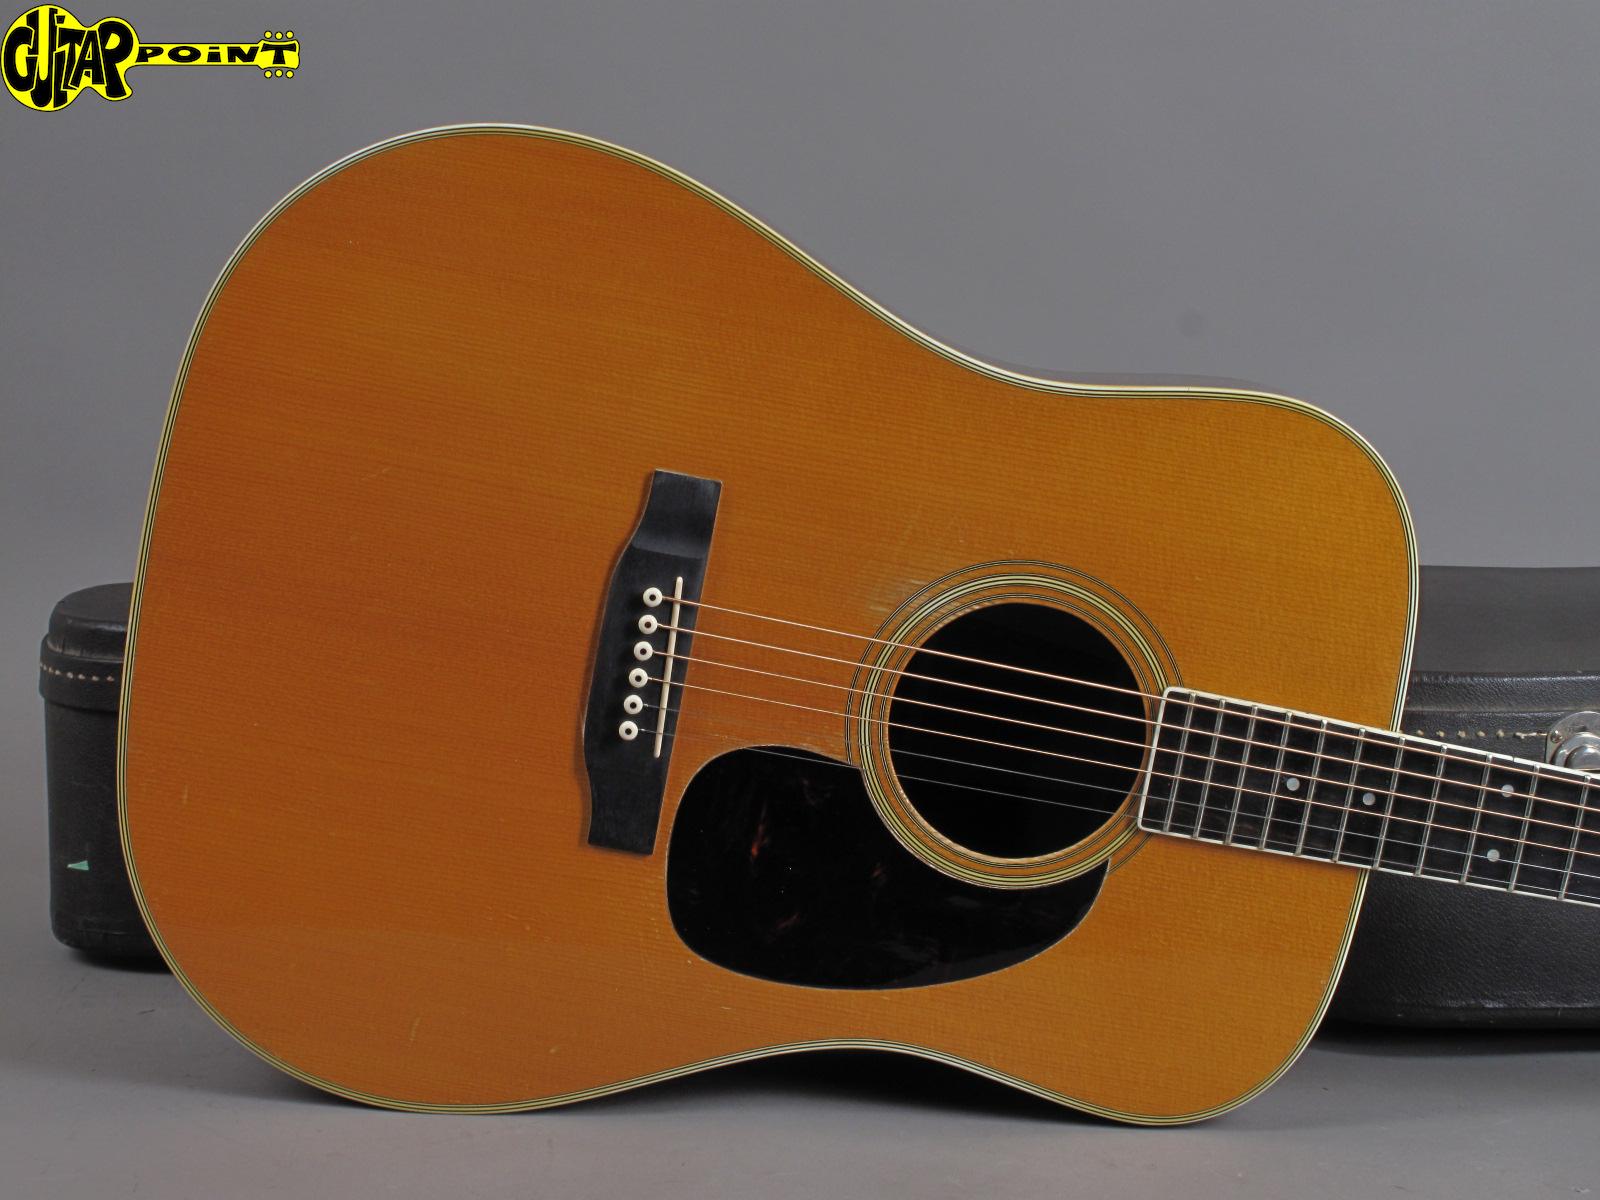 https://guitarpoint.de/app/uploads/products/1966-martin-d-35-natural/Martin66D35_214944_1211.jpg